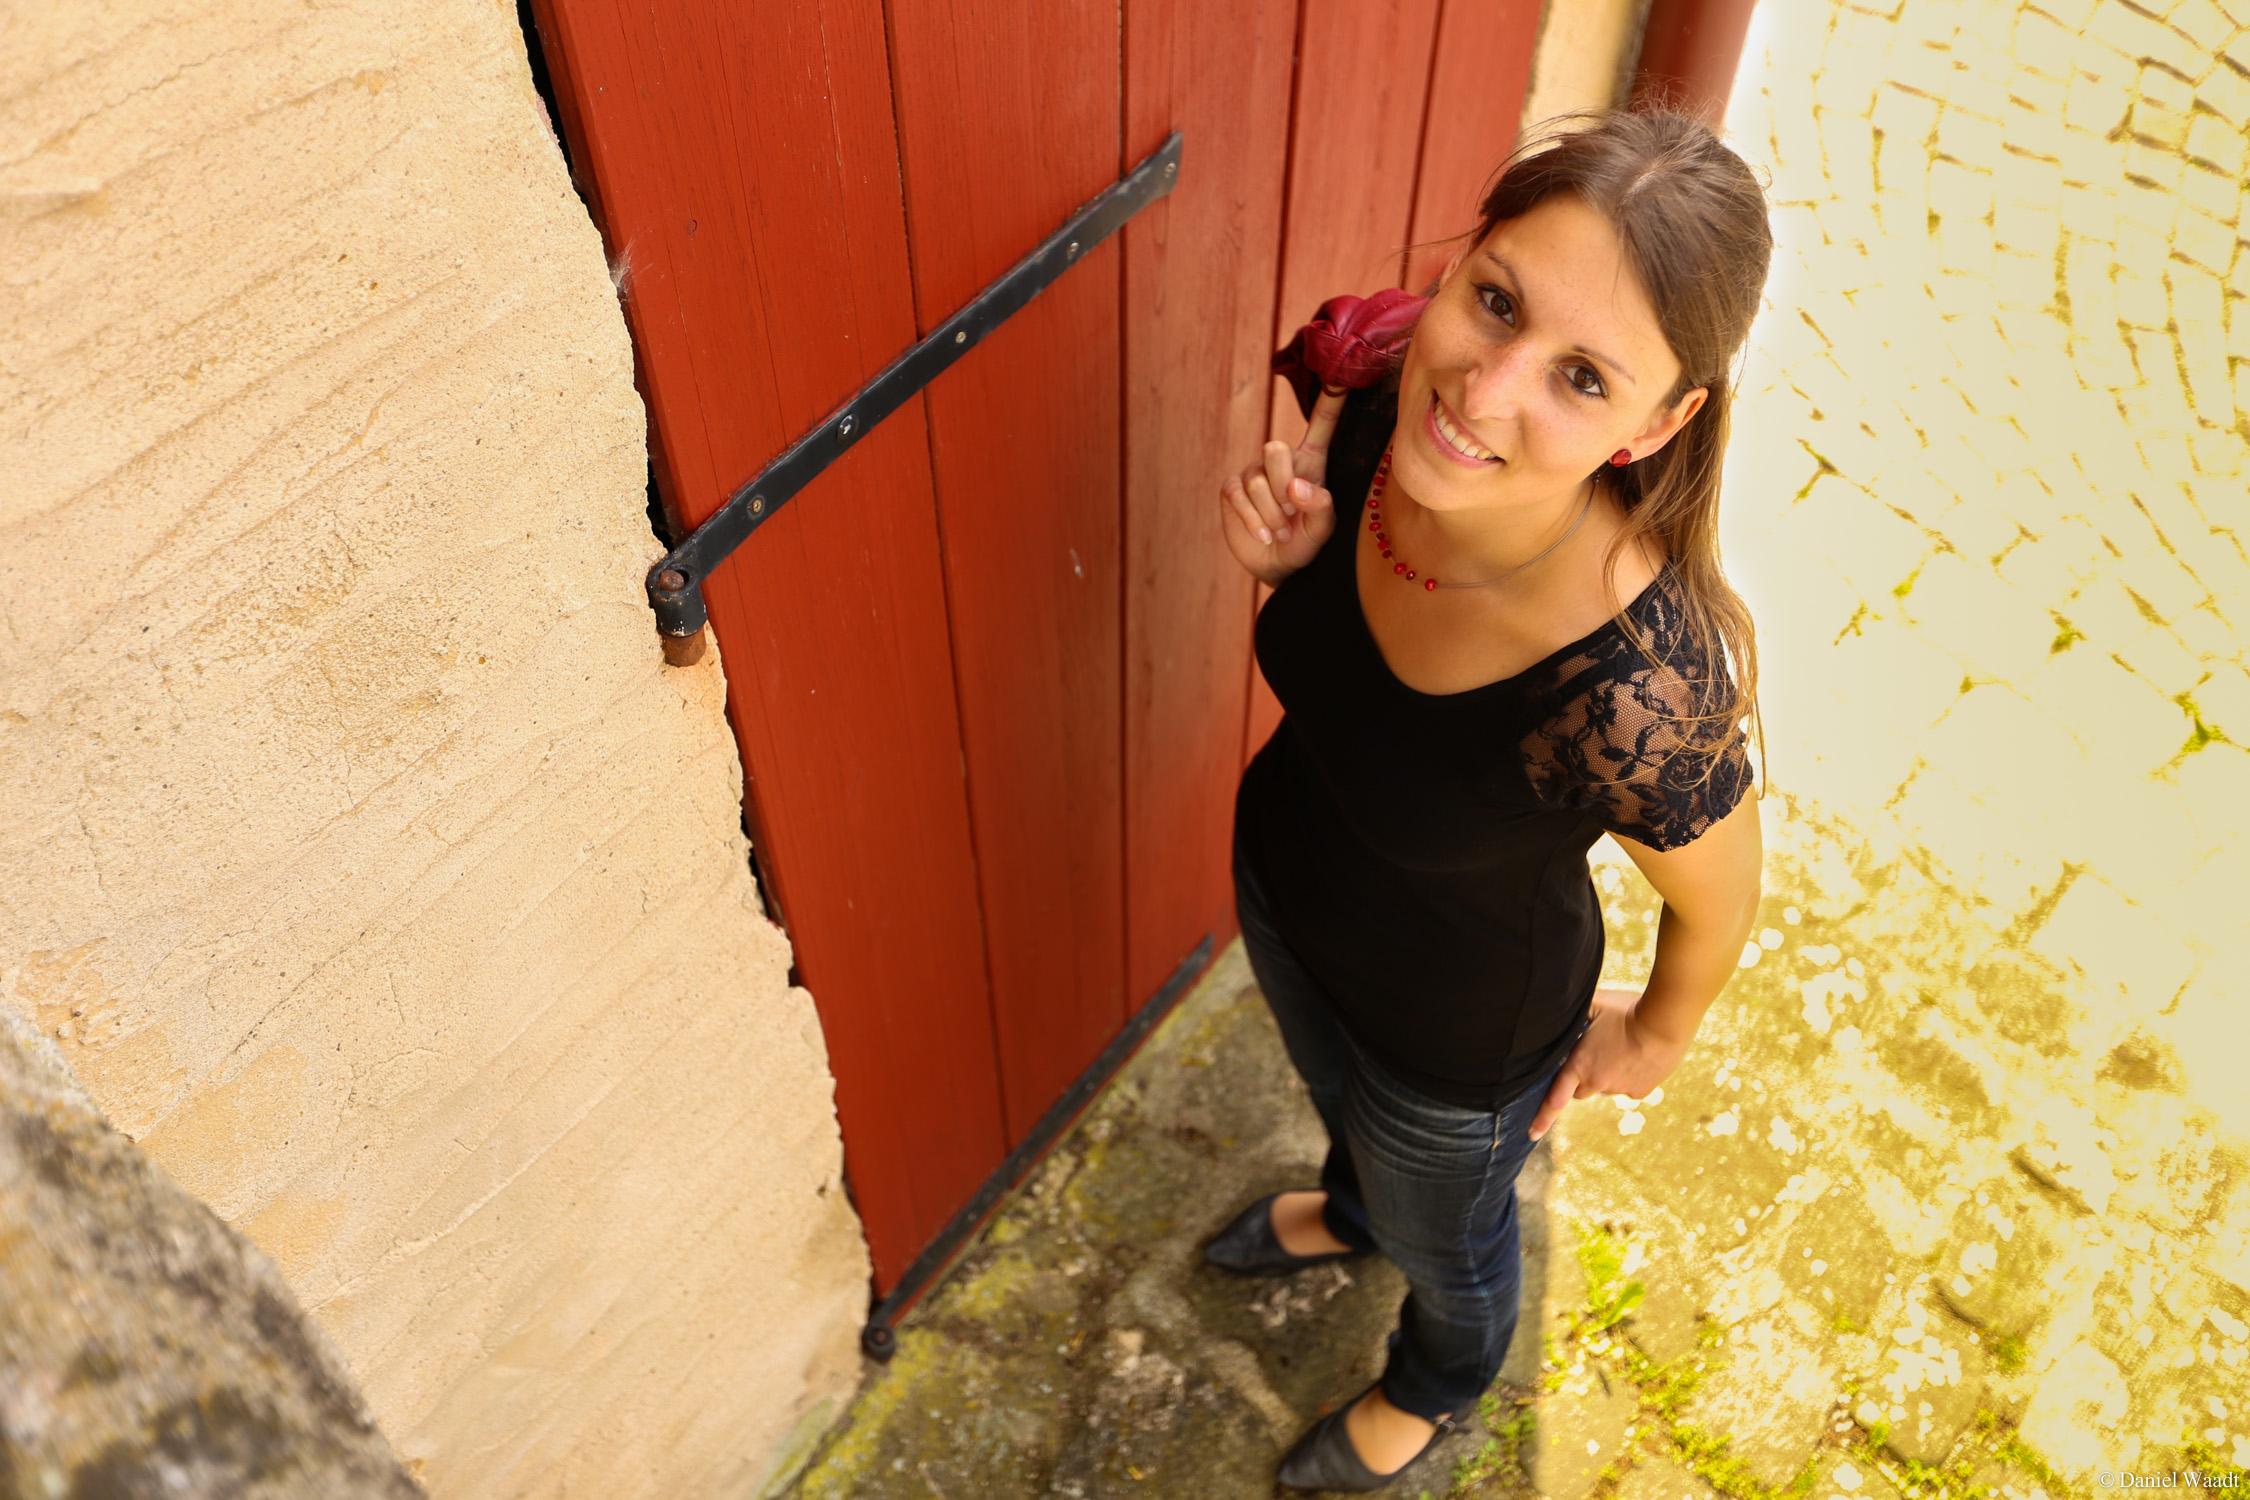 Portraits mit Super-Weitwinkel-Objektiv